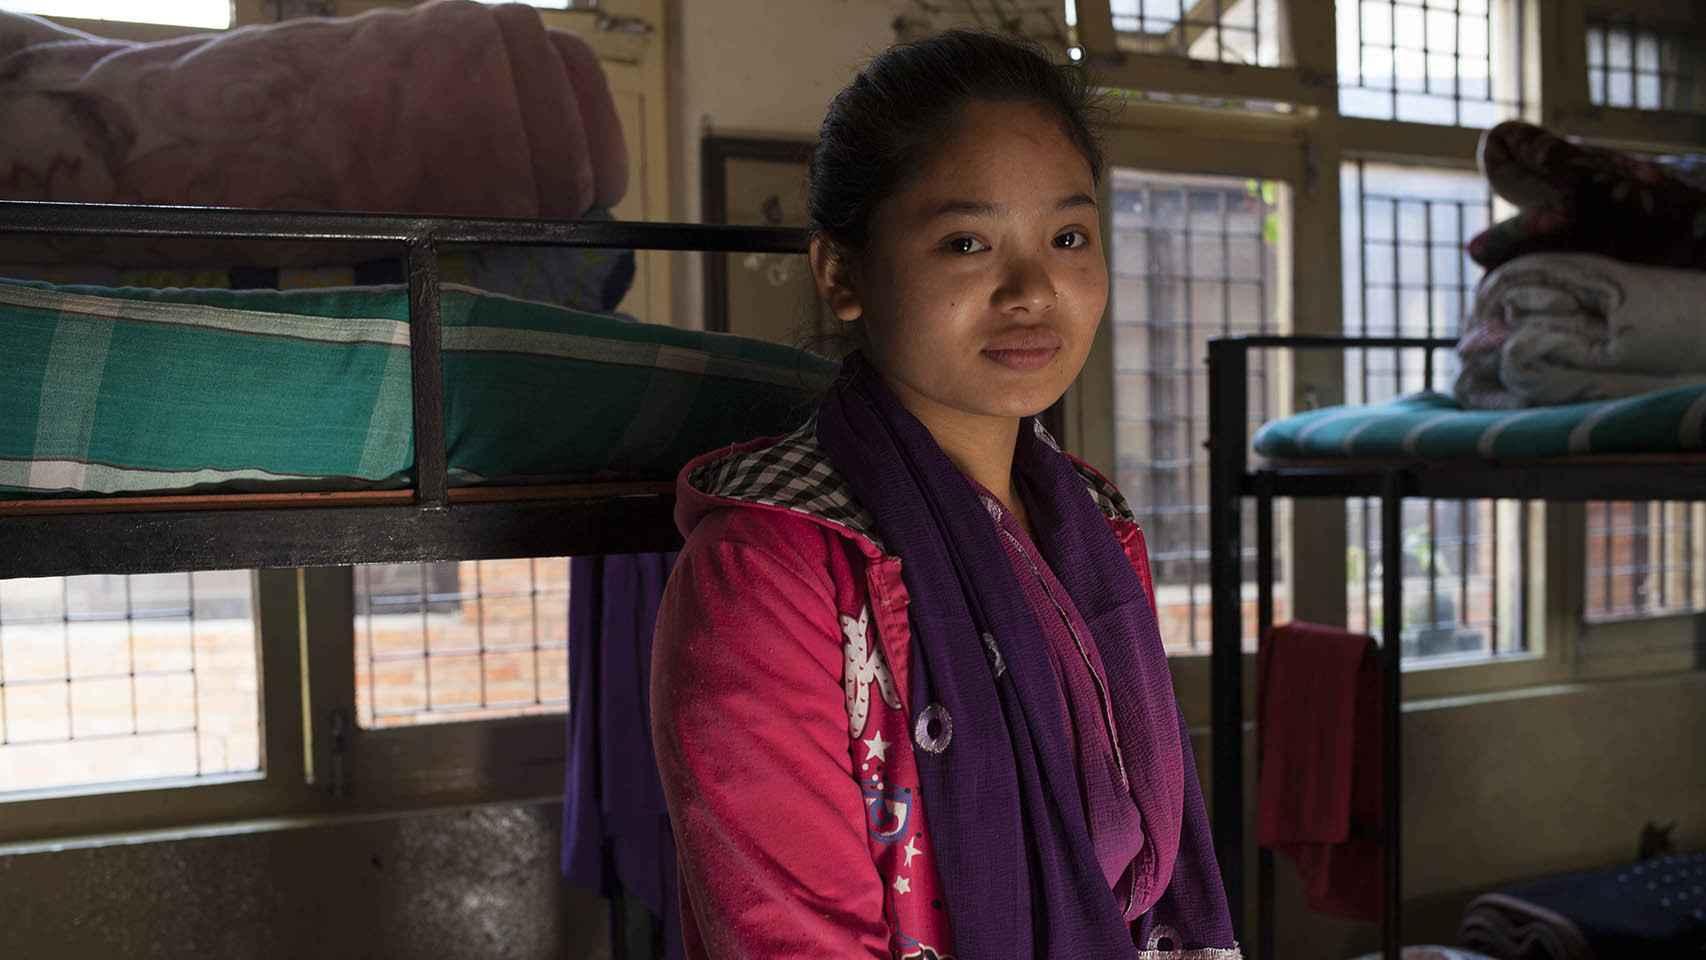 Phulsani fue víctima de la trata a los 11 años. Fue rescatada en una redada.